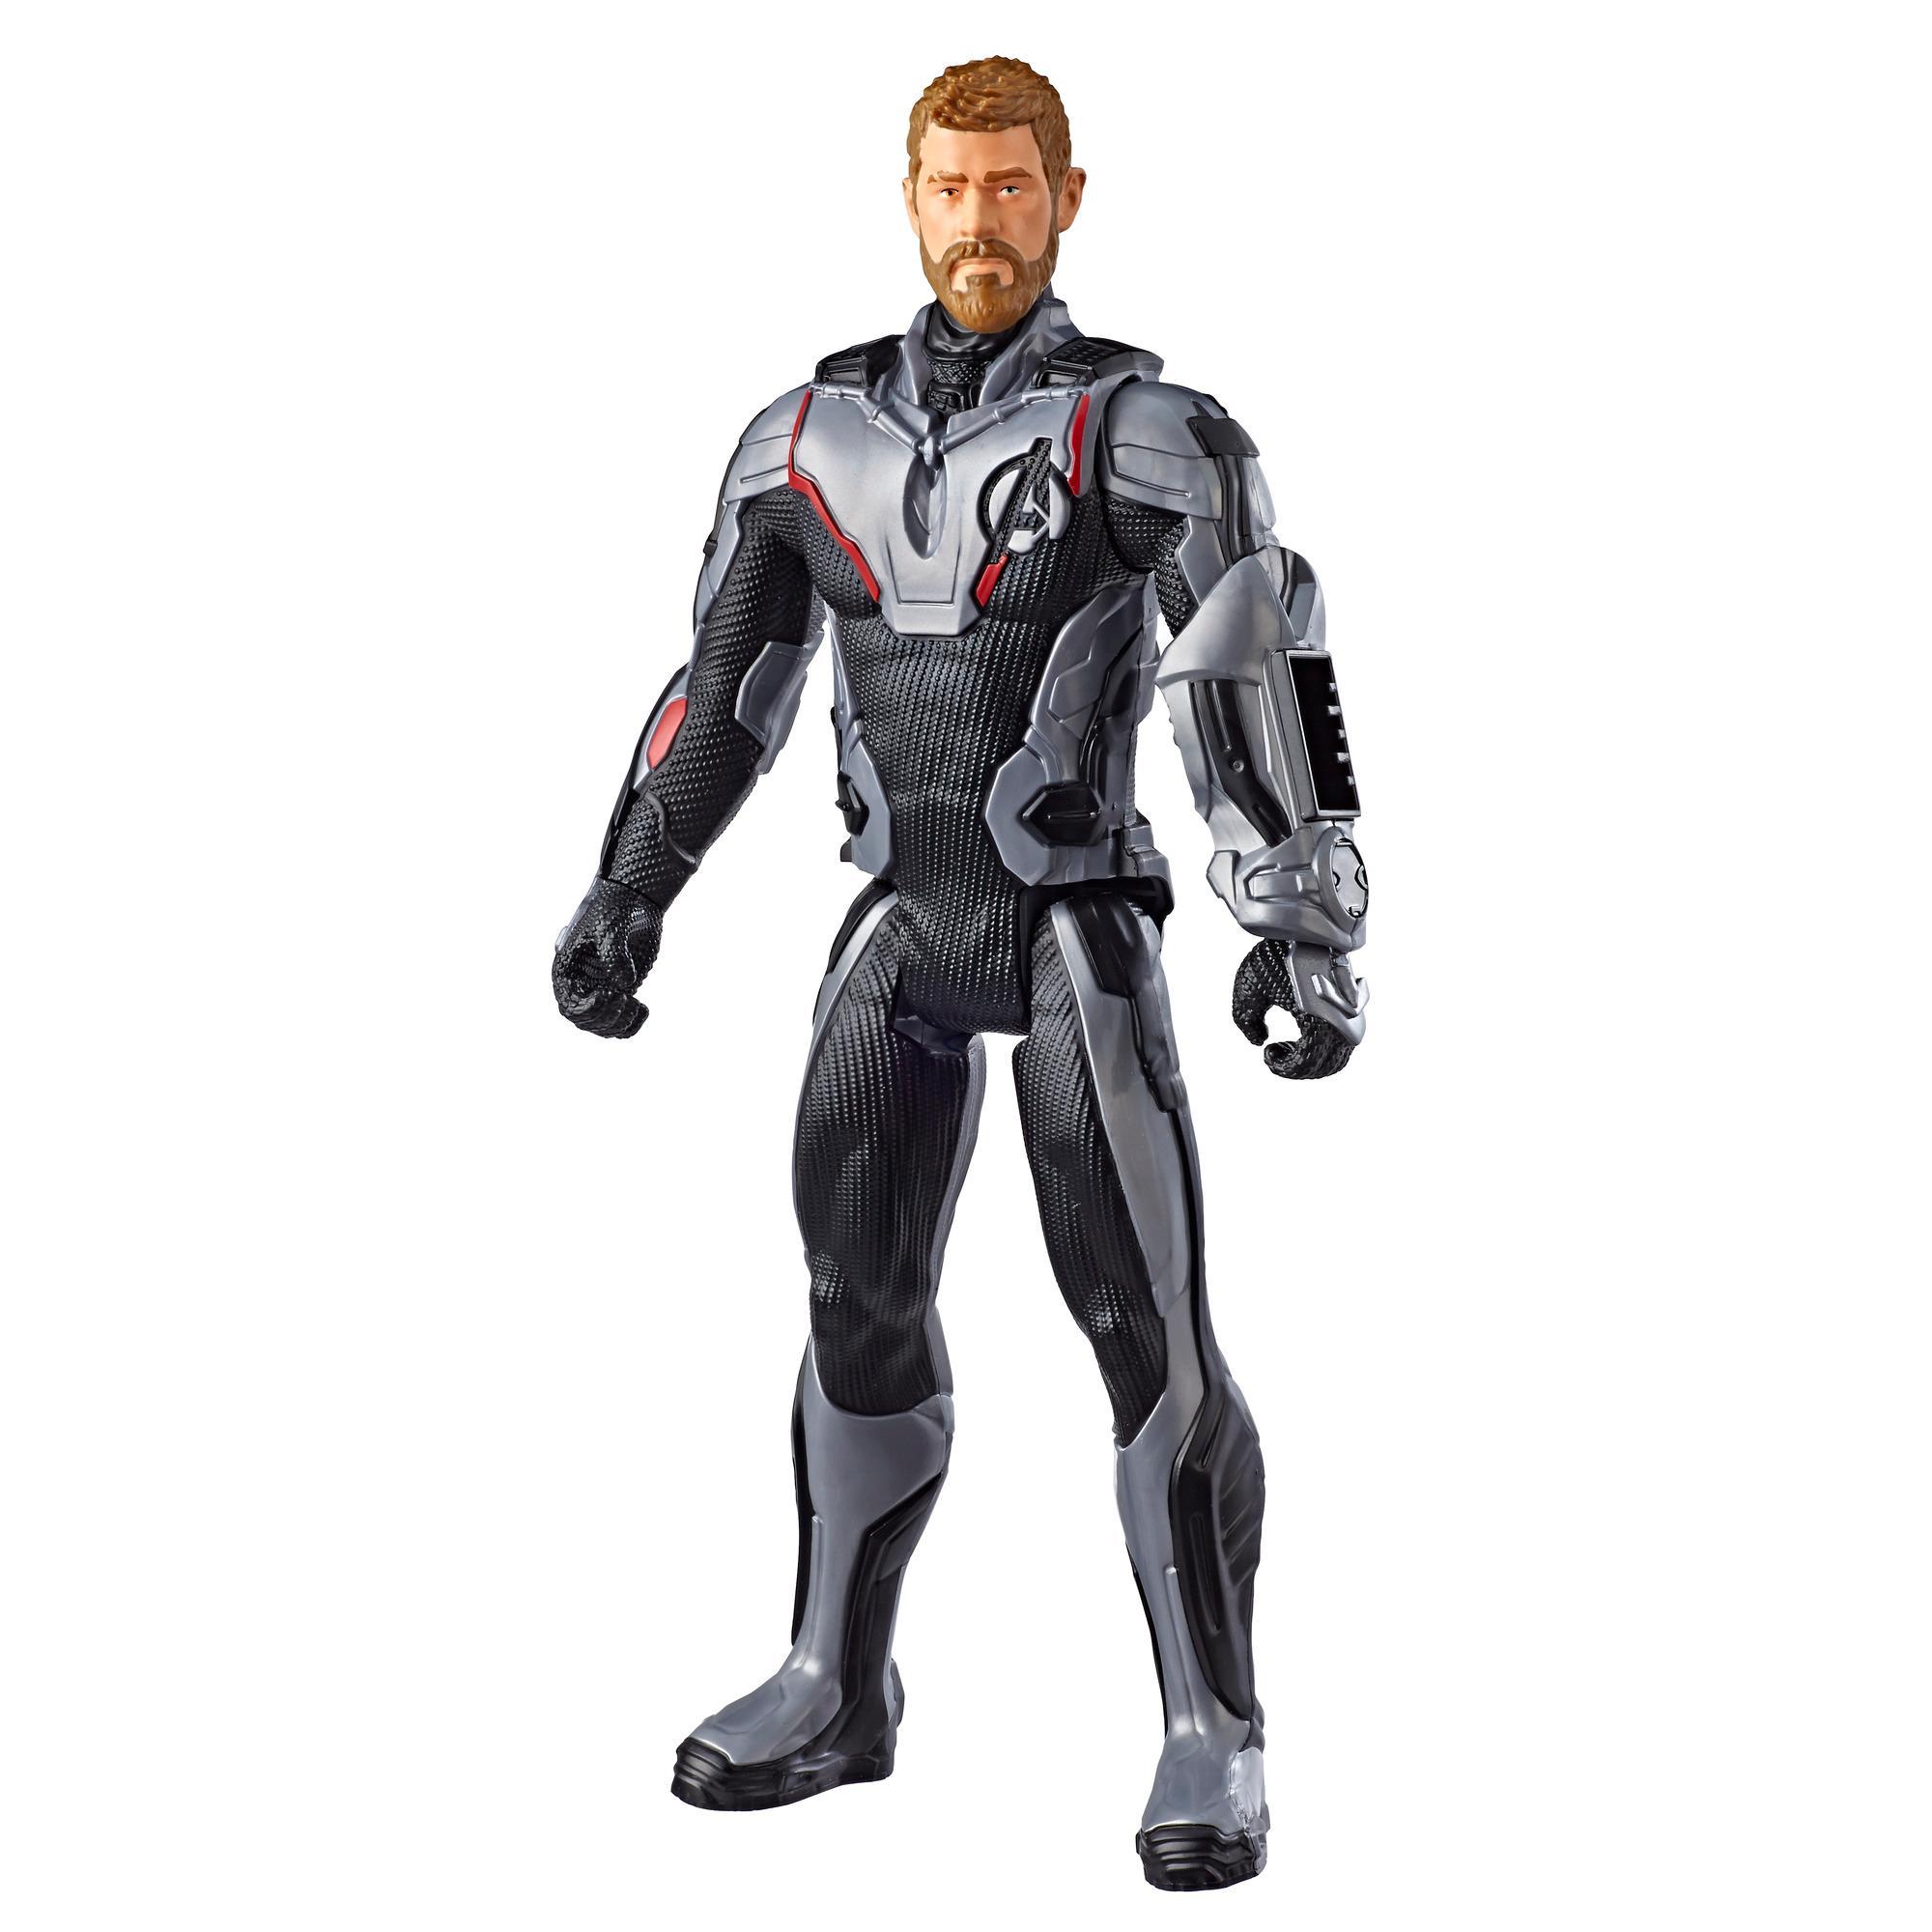 Marvel Avengers: Endgame Titan Hero Series - Figura de superhéroe Thor de 30 cm con puerto para Titan Hero Power FX